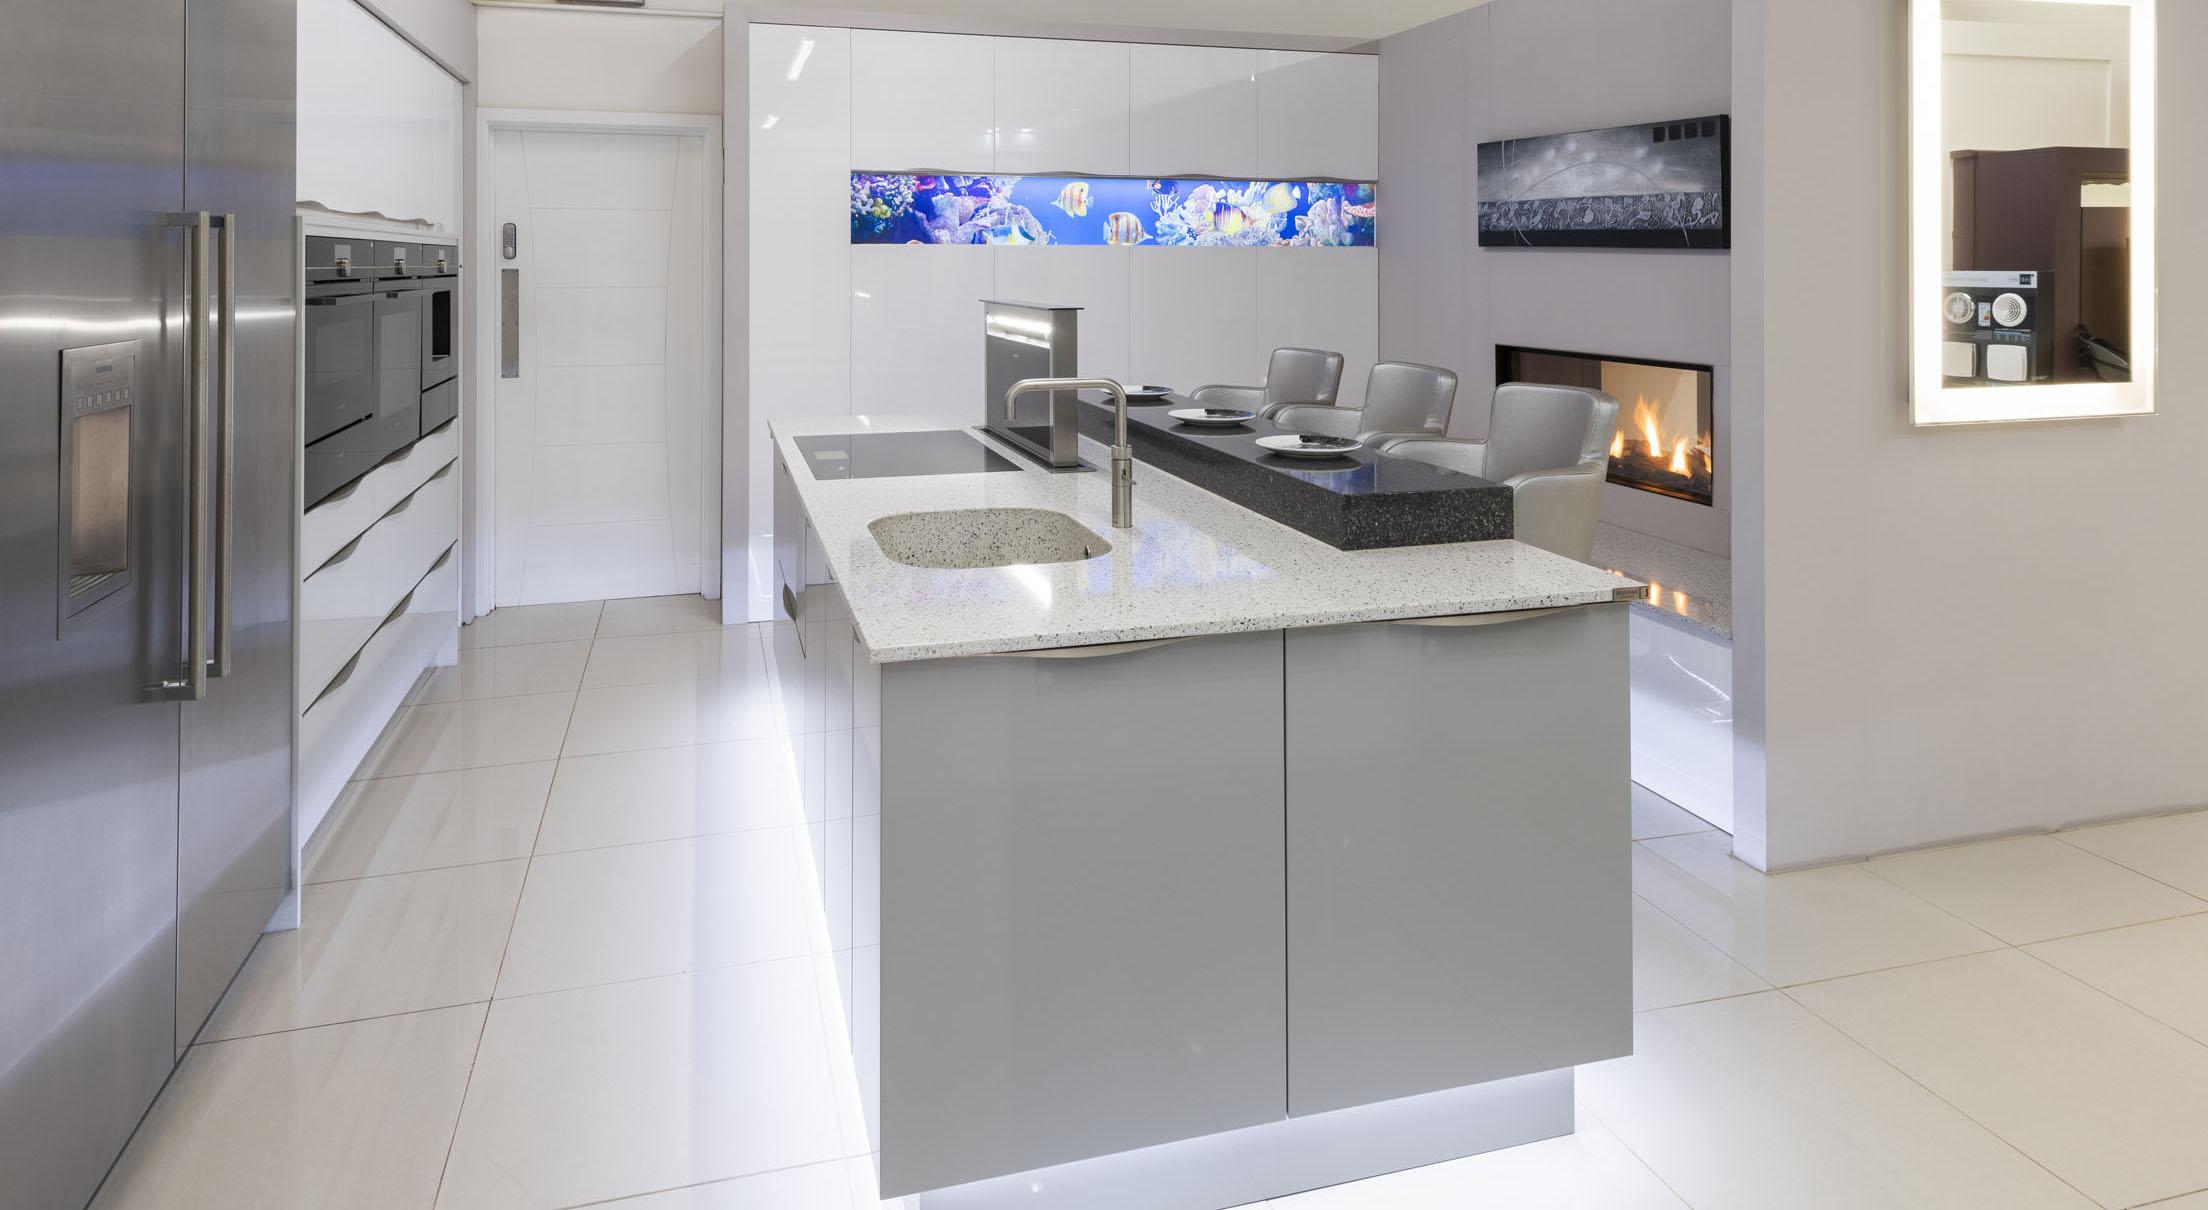 Kitchen Setting